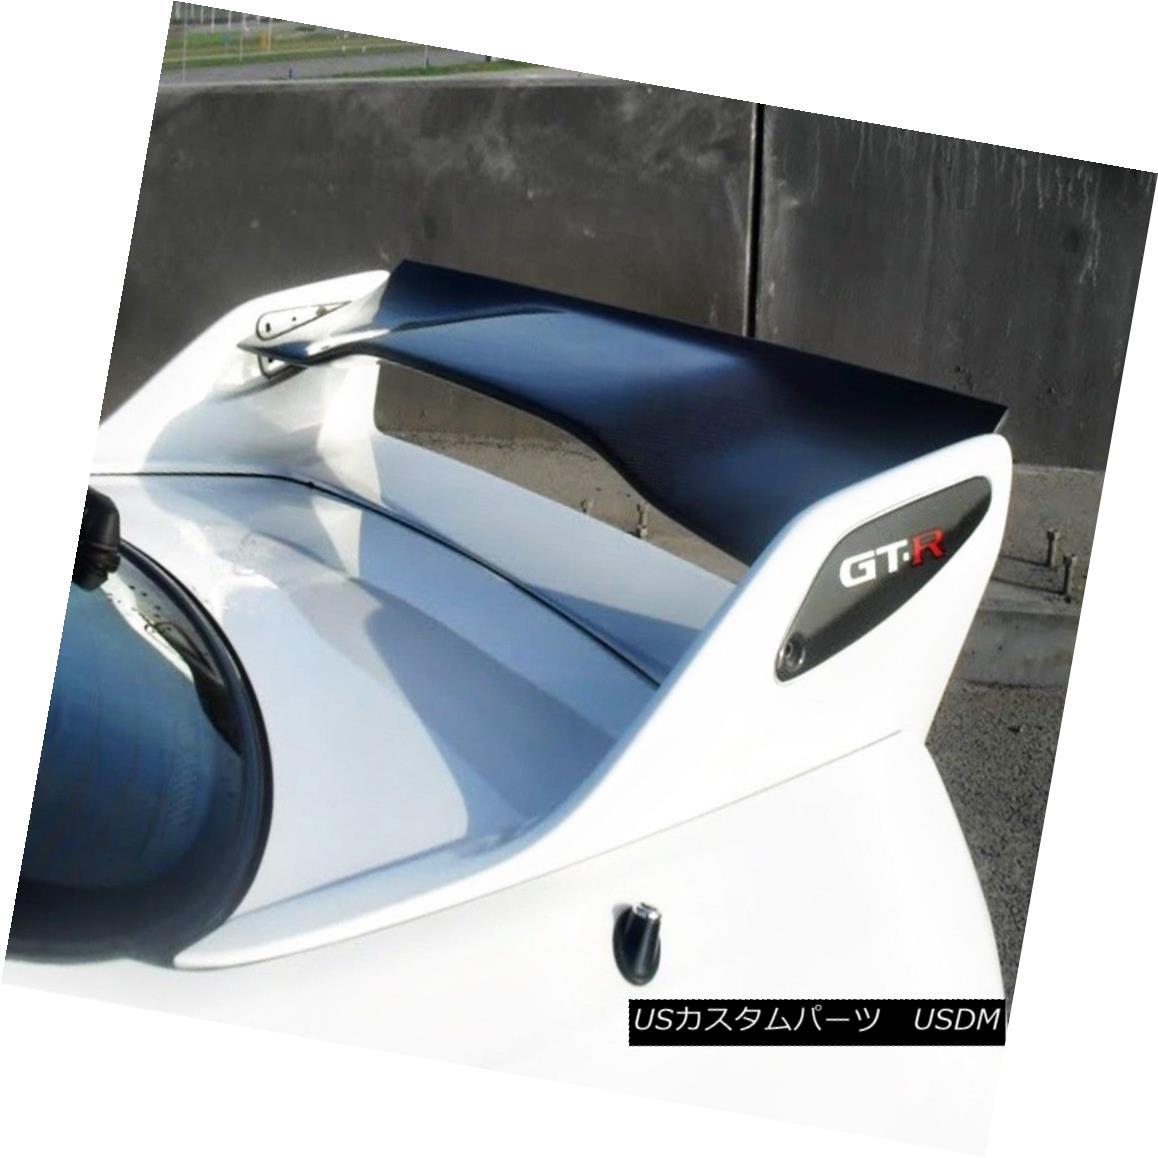 エアロパーツ Rear Spoiler Blade Wing For Nissan Skyline R33 GTR AS Shibi Devil Carbon Fiber 日産スカイラインR33 GTR AS用シビデビルカーボンファイバー用リアスポイラーブレードウィング